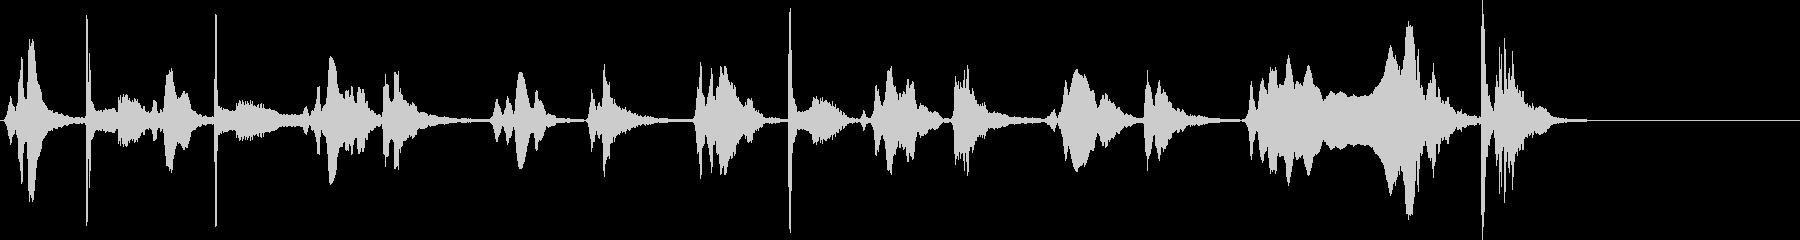 生演奏 尺八 薩摩琵琶 その2 残響音有の未再生の波形